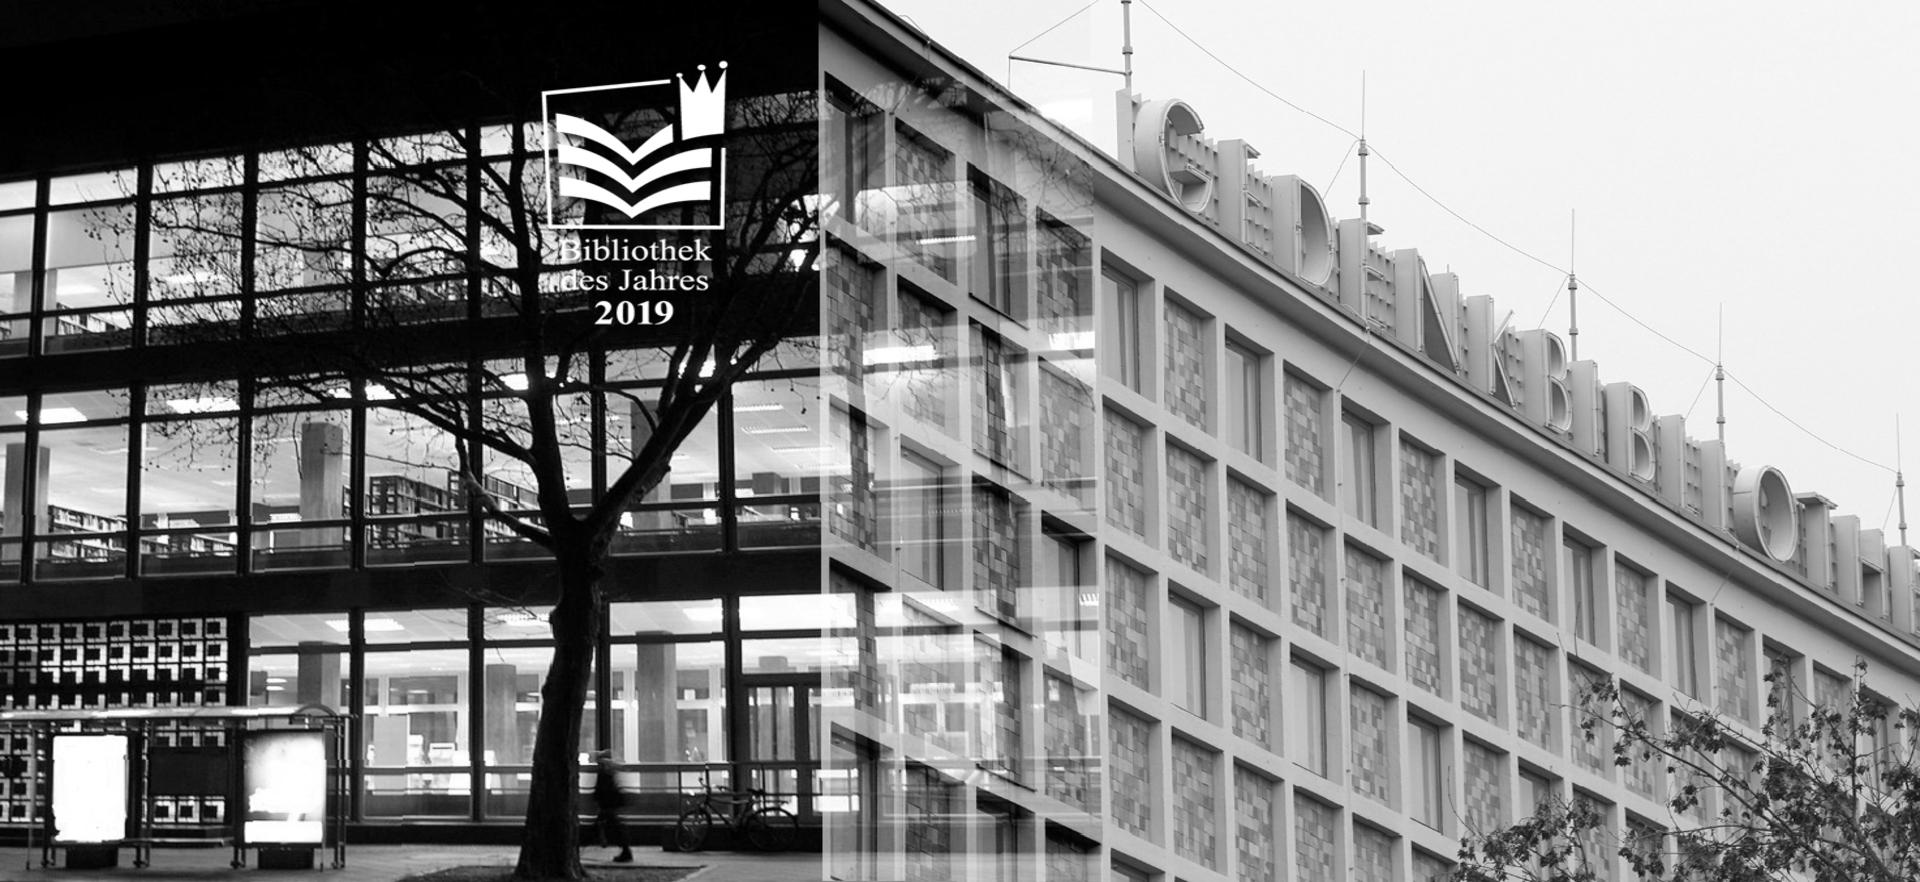 Amerika-Gedenkbibliothek